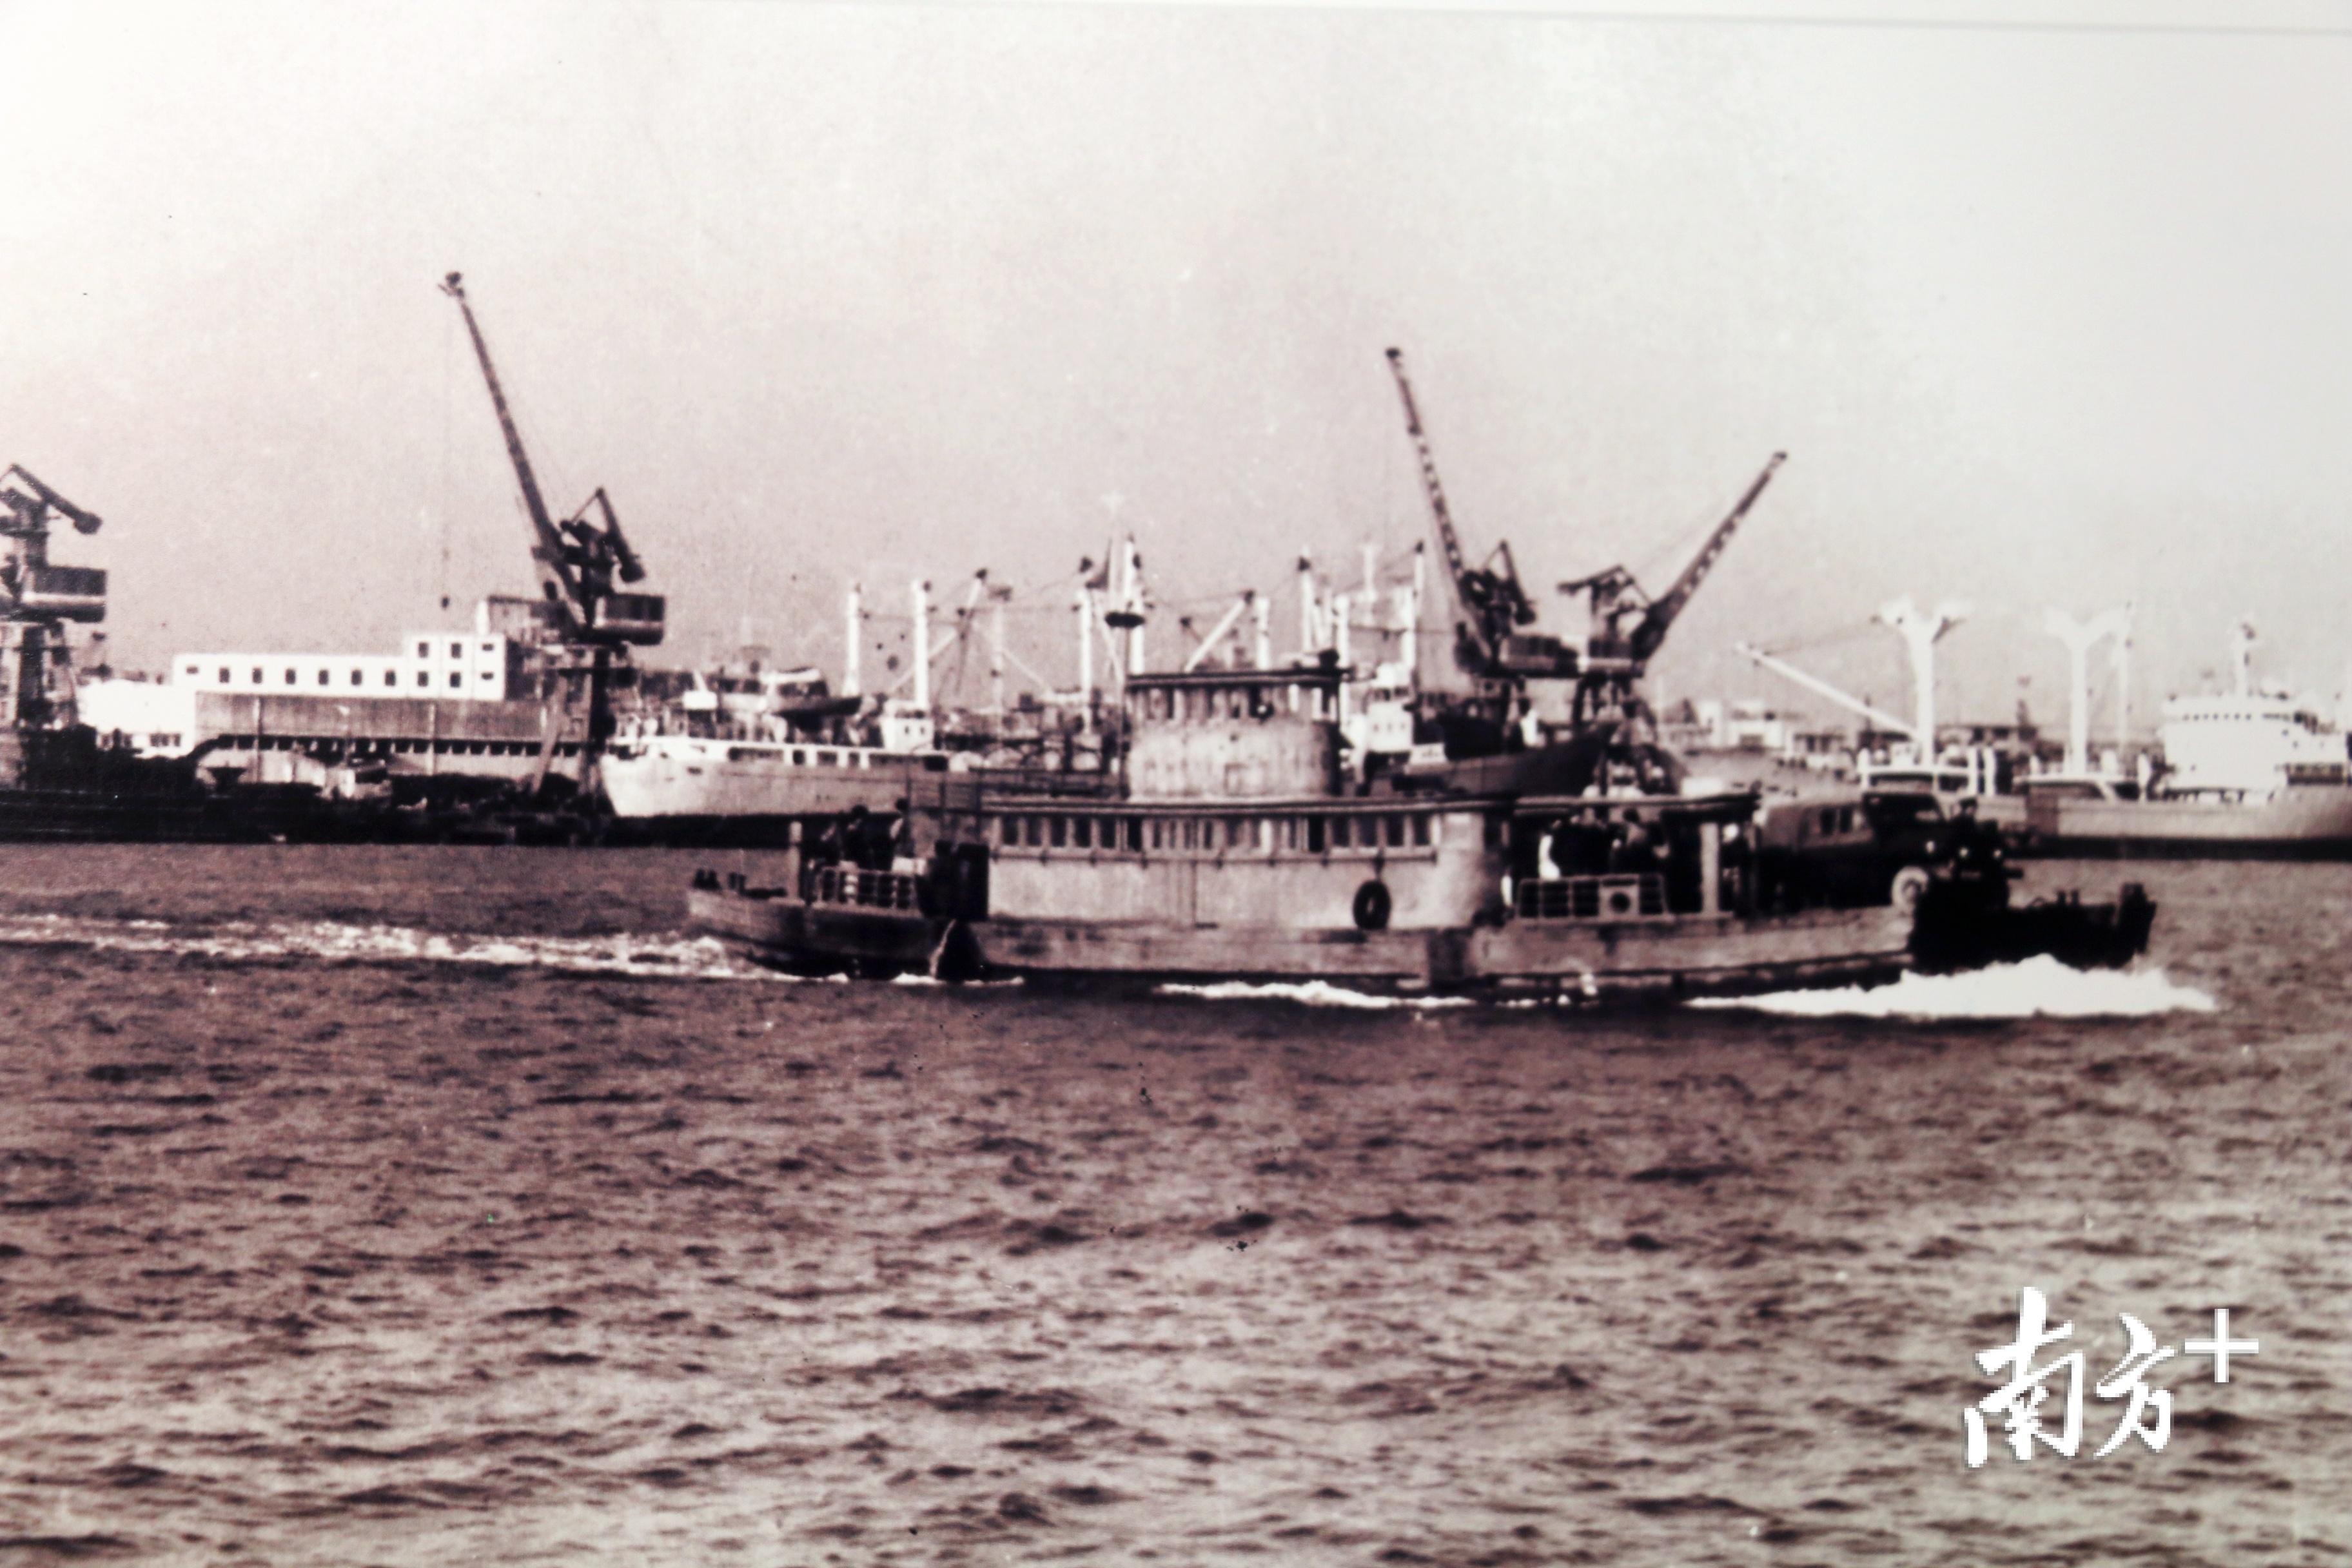 1997年,汕头港建成两个5000吨级杂粮兼集装箱码头,改扩建3号码头为5000吨级、3000吨级码头各一个。张伟炜 翻拍